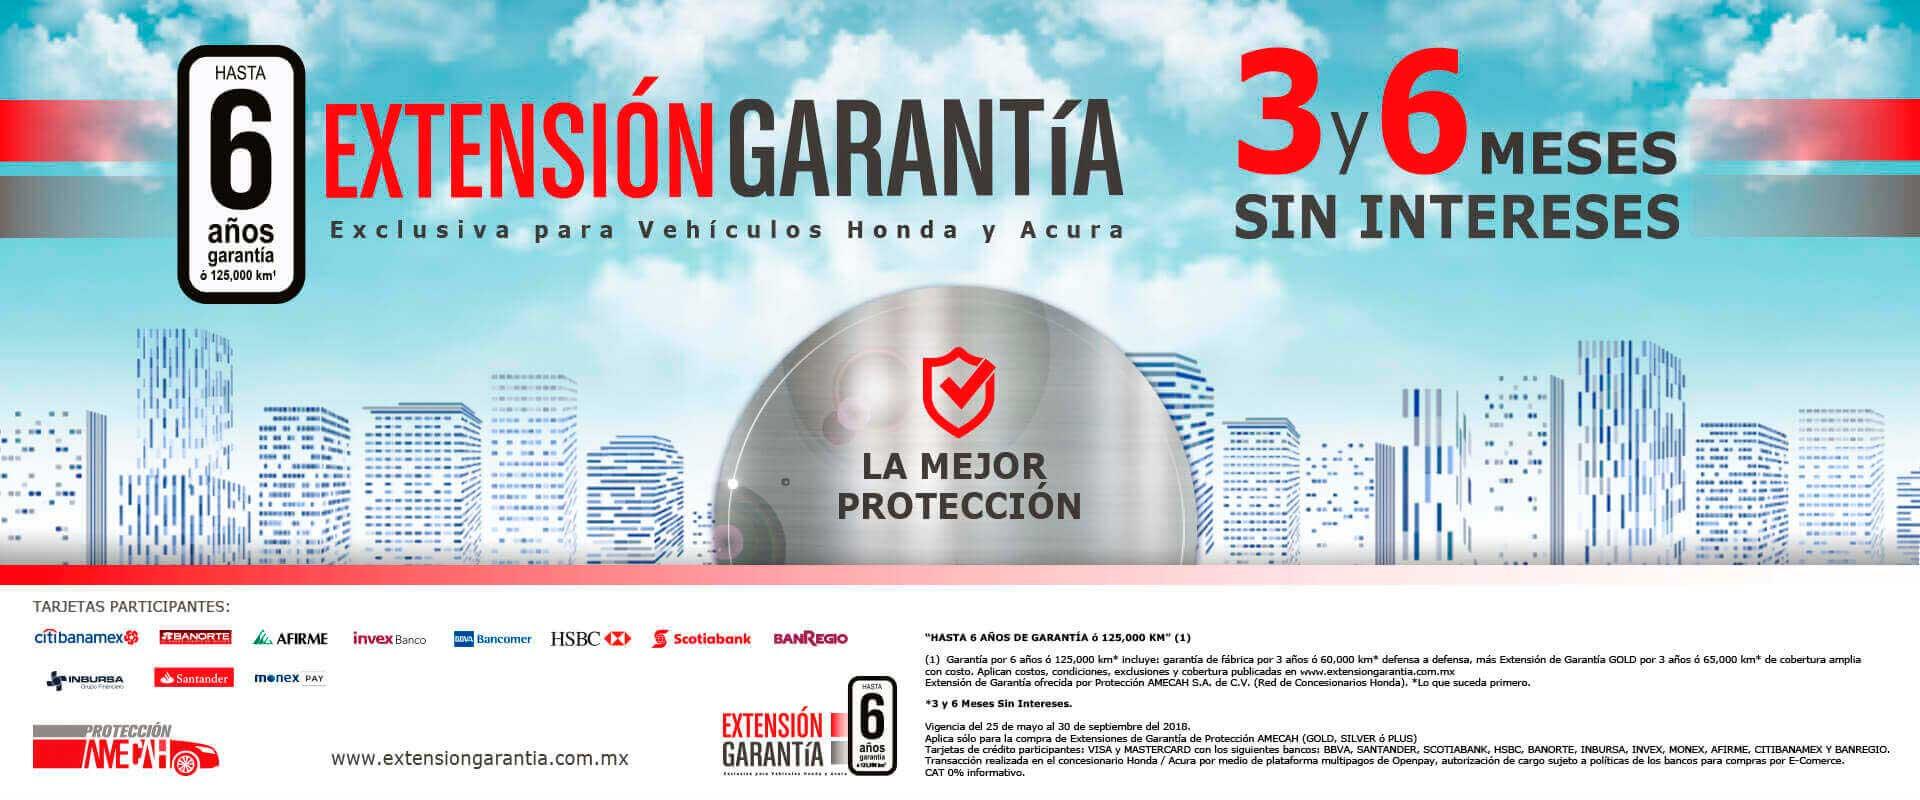 bc354972c Extensión de Garantía - Honda Texcoco - Texcoco, Estado de México, 56100